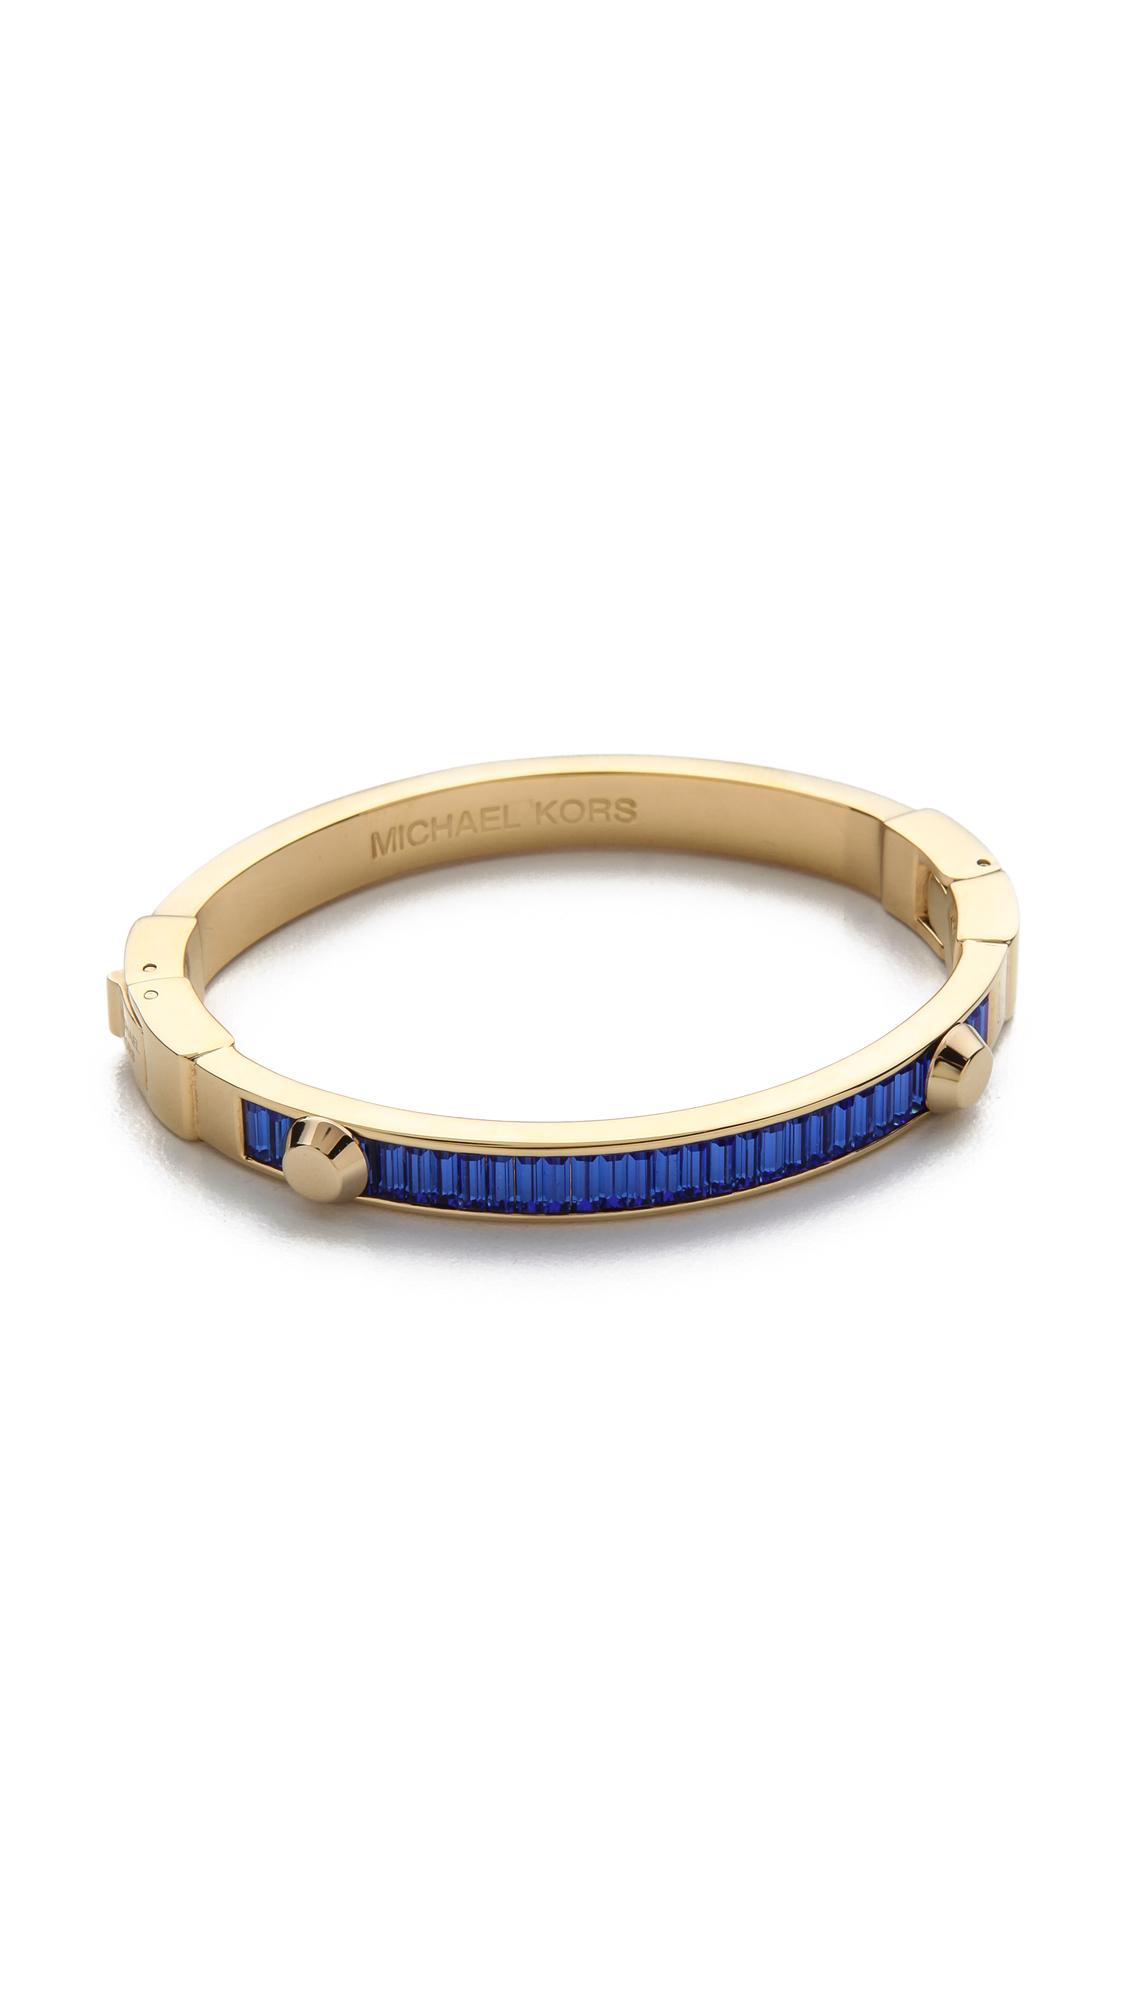 lyst michael kors baguette astor bangle bracelet in blue. Black Bedroom Furniture Sets. Home Design Ideas